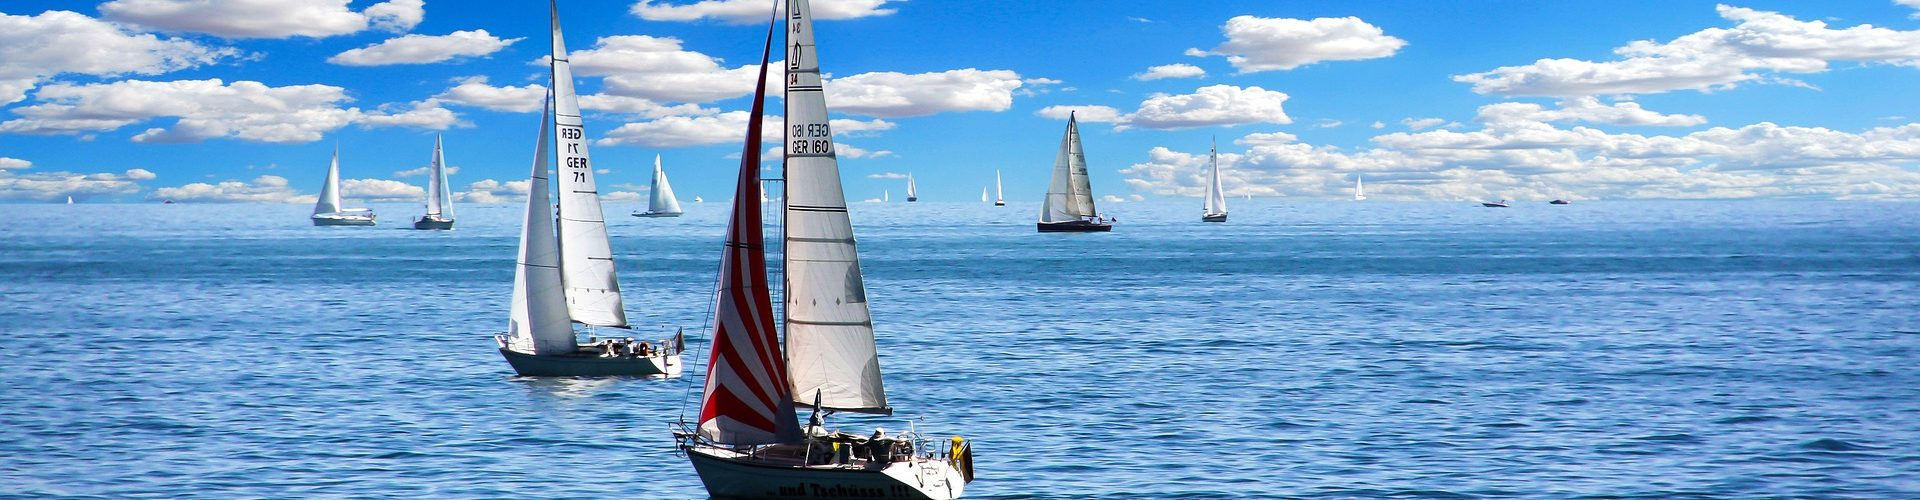 segeln lernen in Westerholt segelschein machen in Westerholt 1920x500 - Segeln lernen in Westerholt